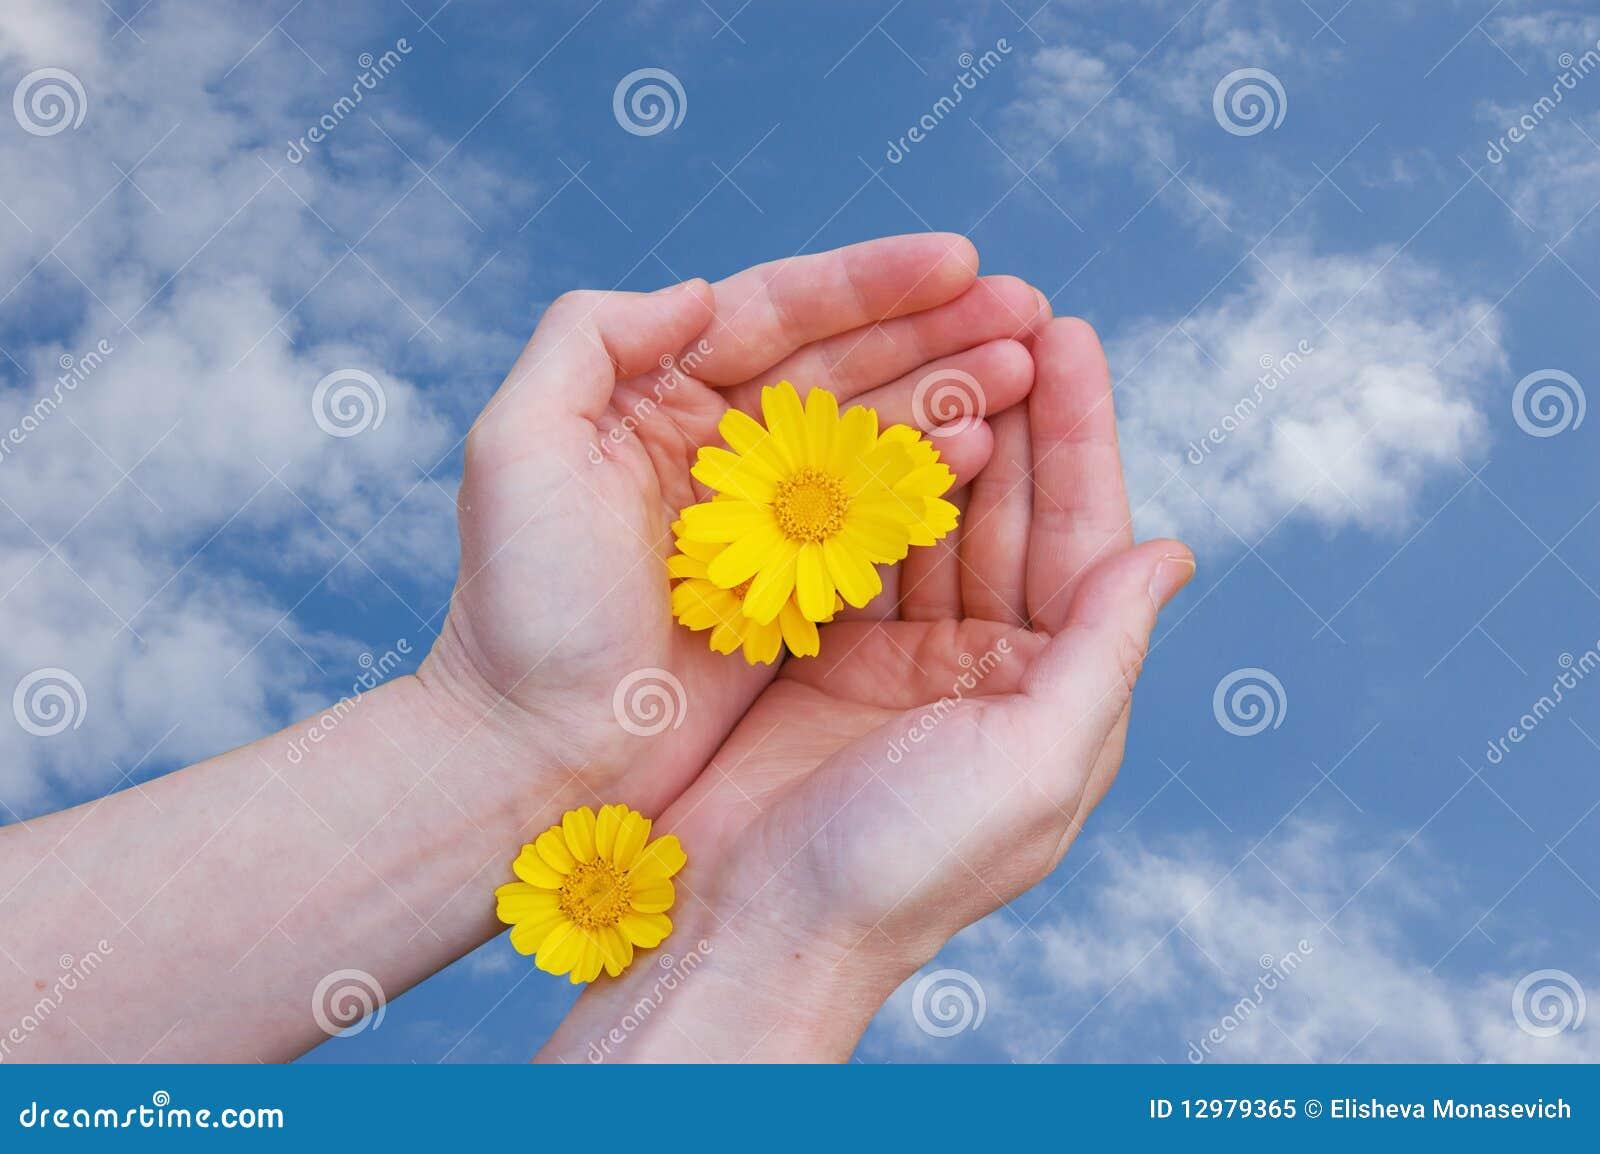 Flores Amarillas En Manos De La Mujer Imagen De Archivo